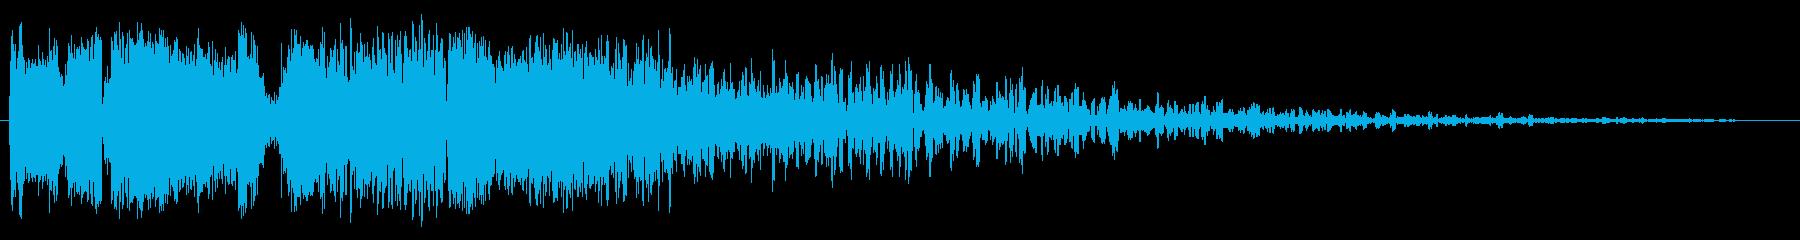 プロモーションオープン1の再生済みの波形